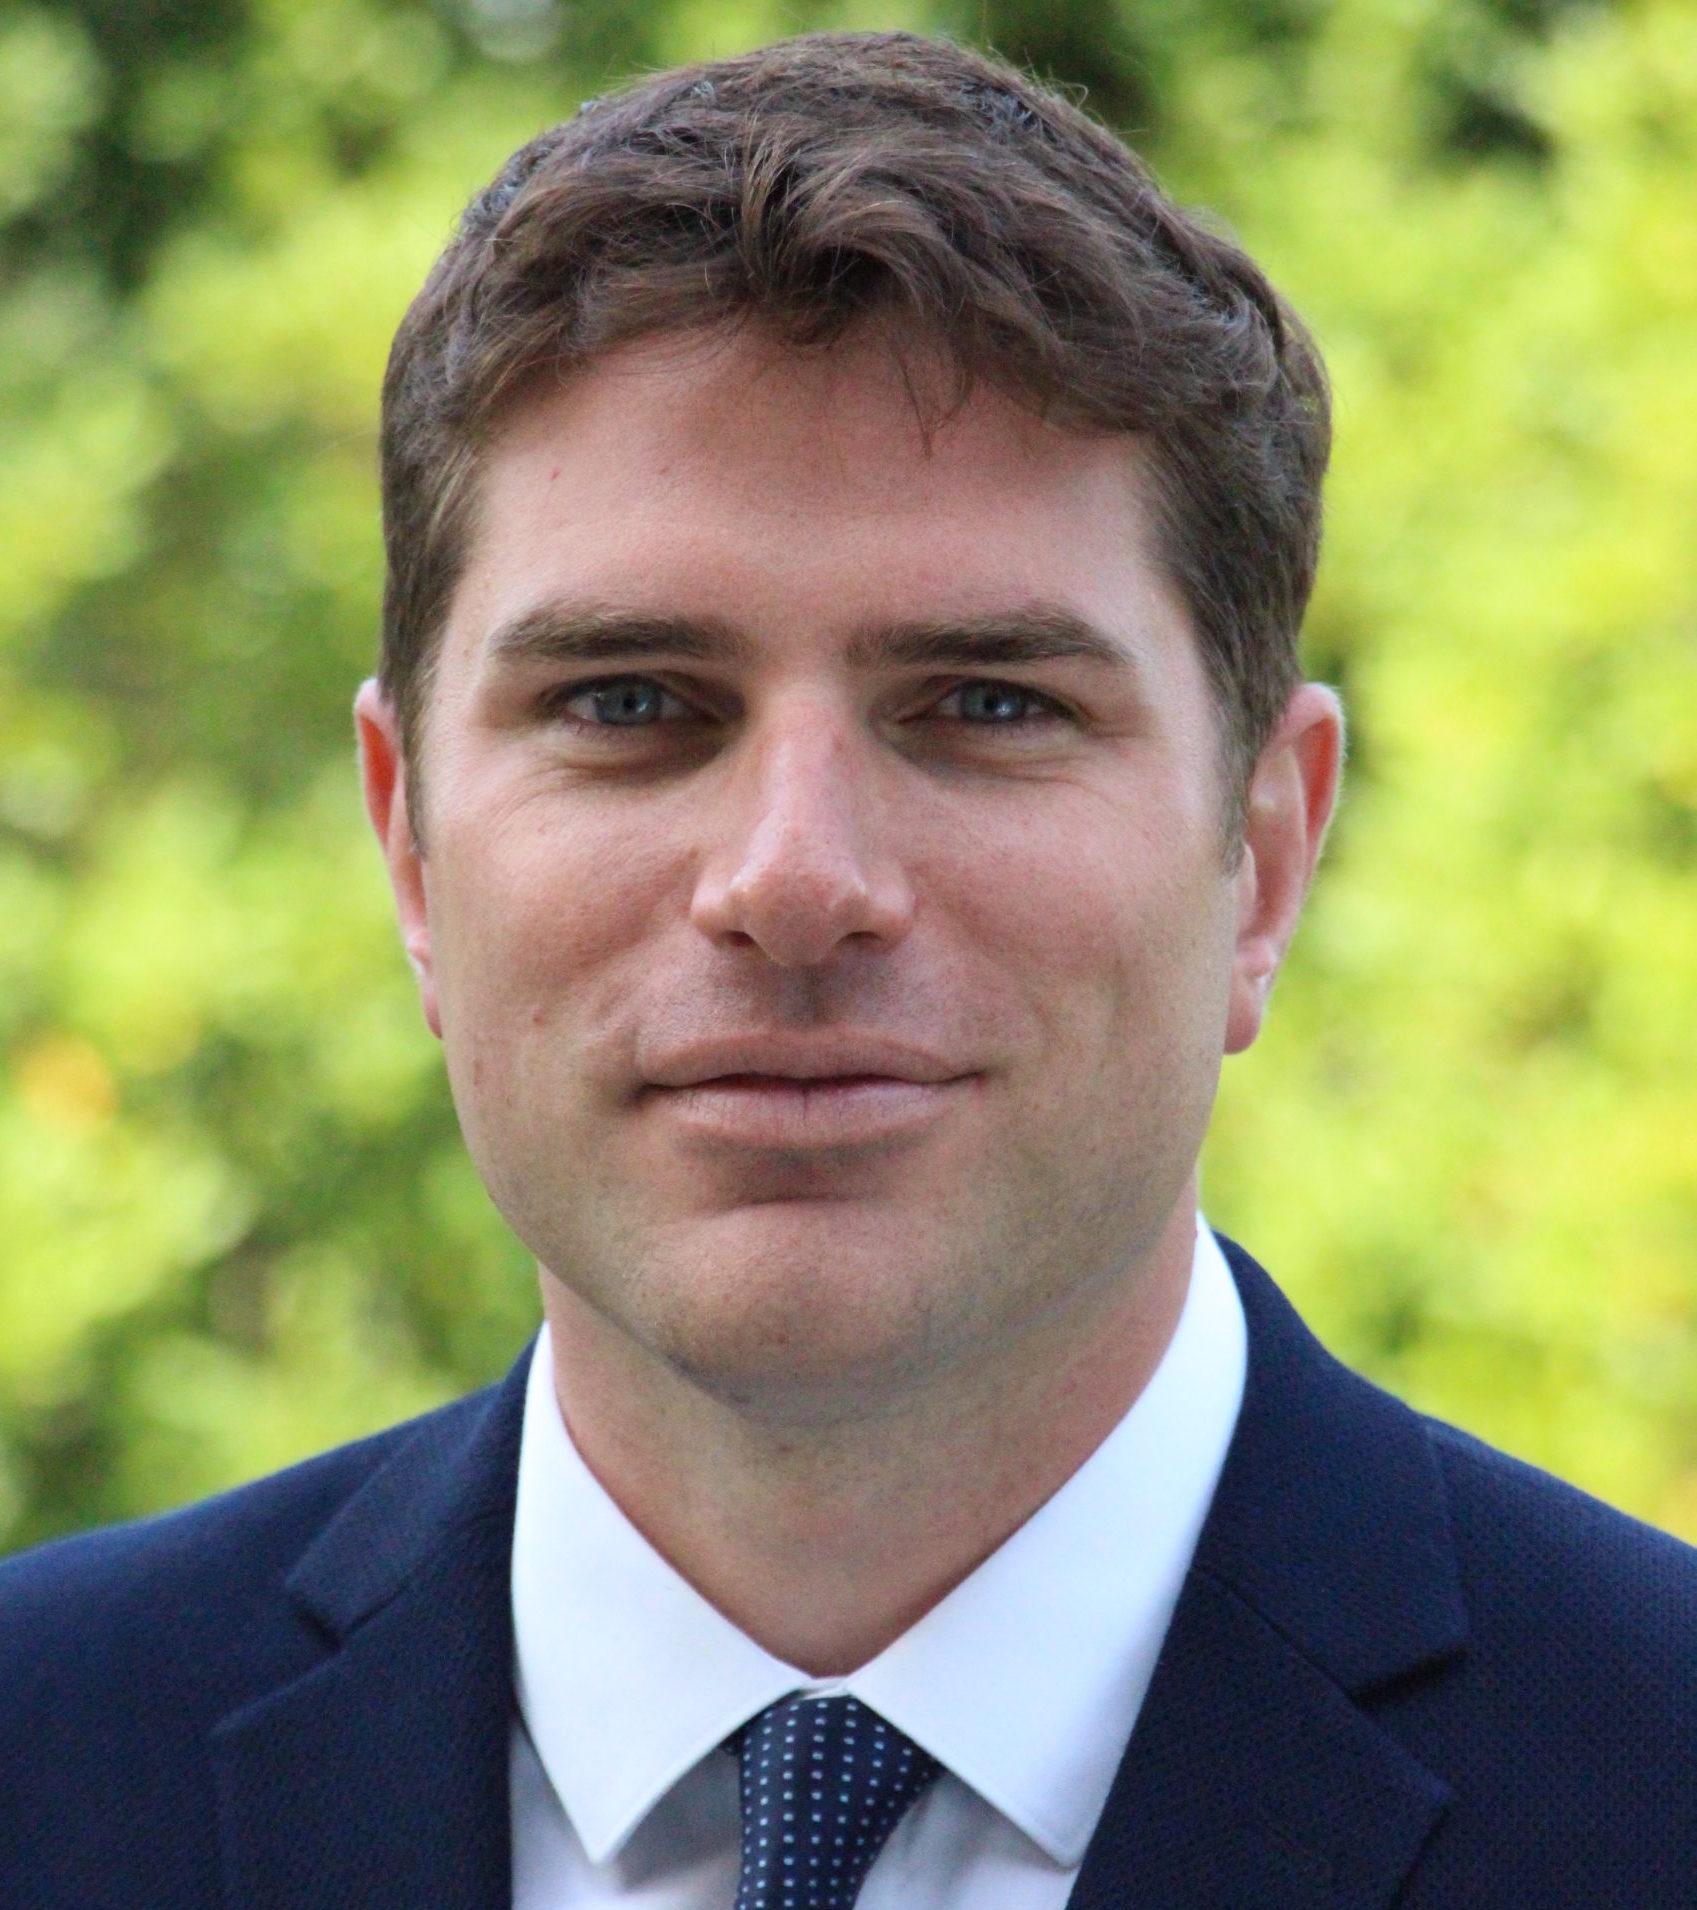 Présidence de la MGP : Patrick Ollier perd les primaires